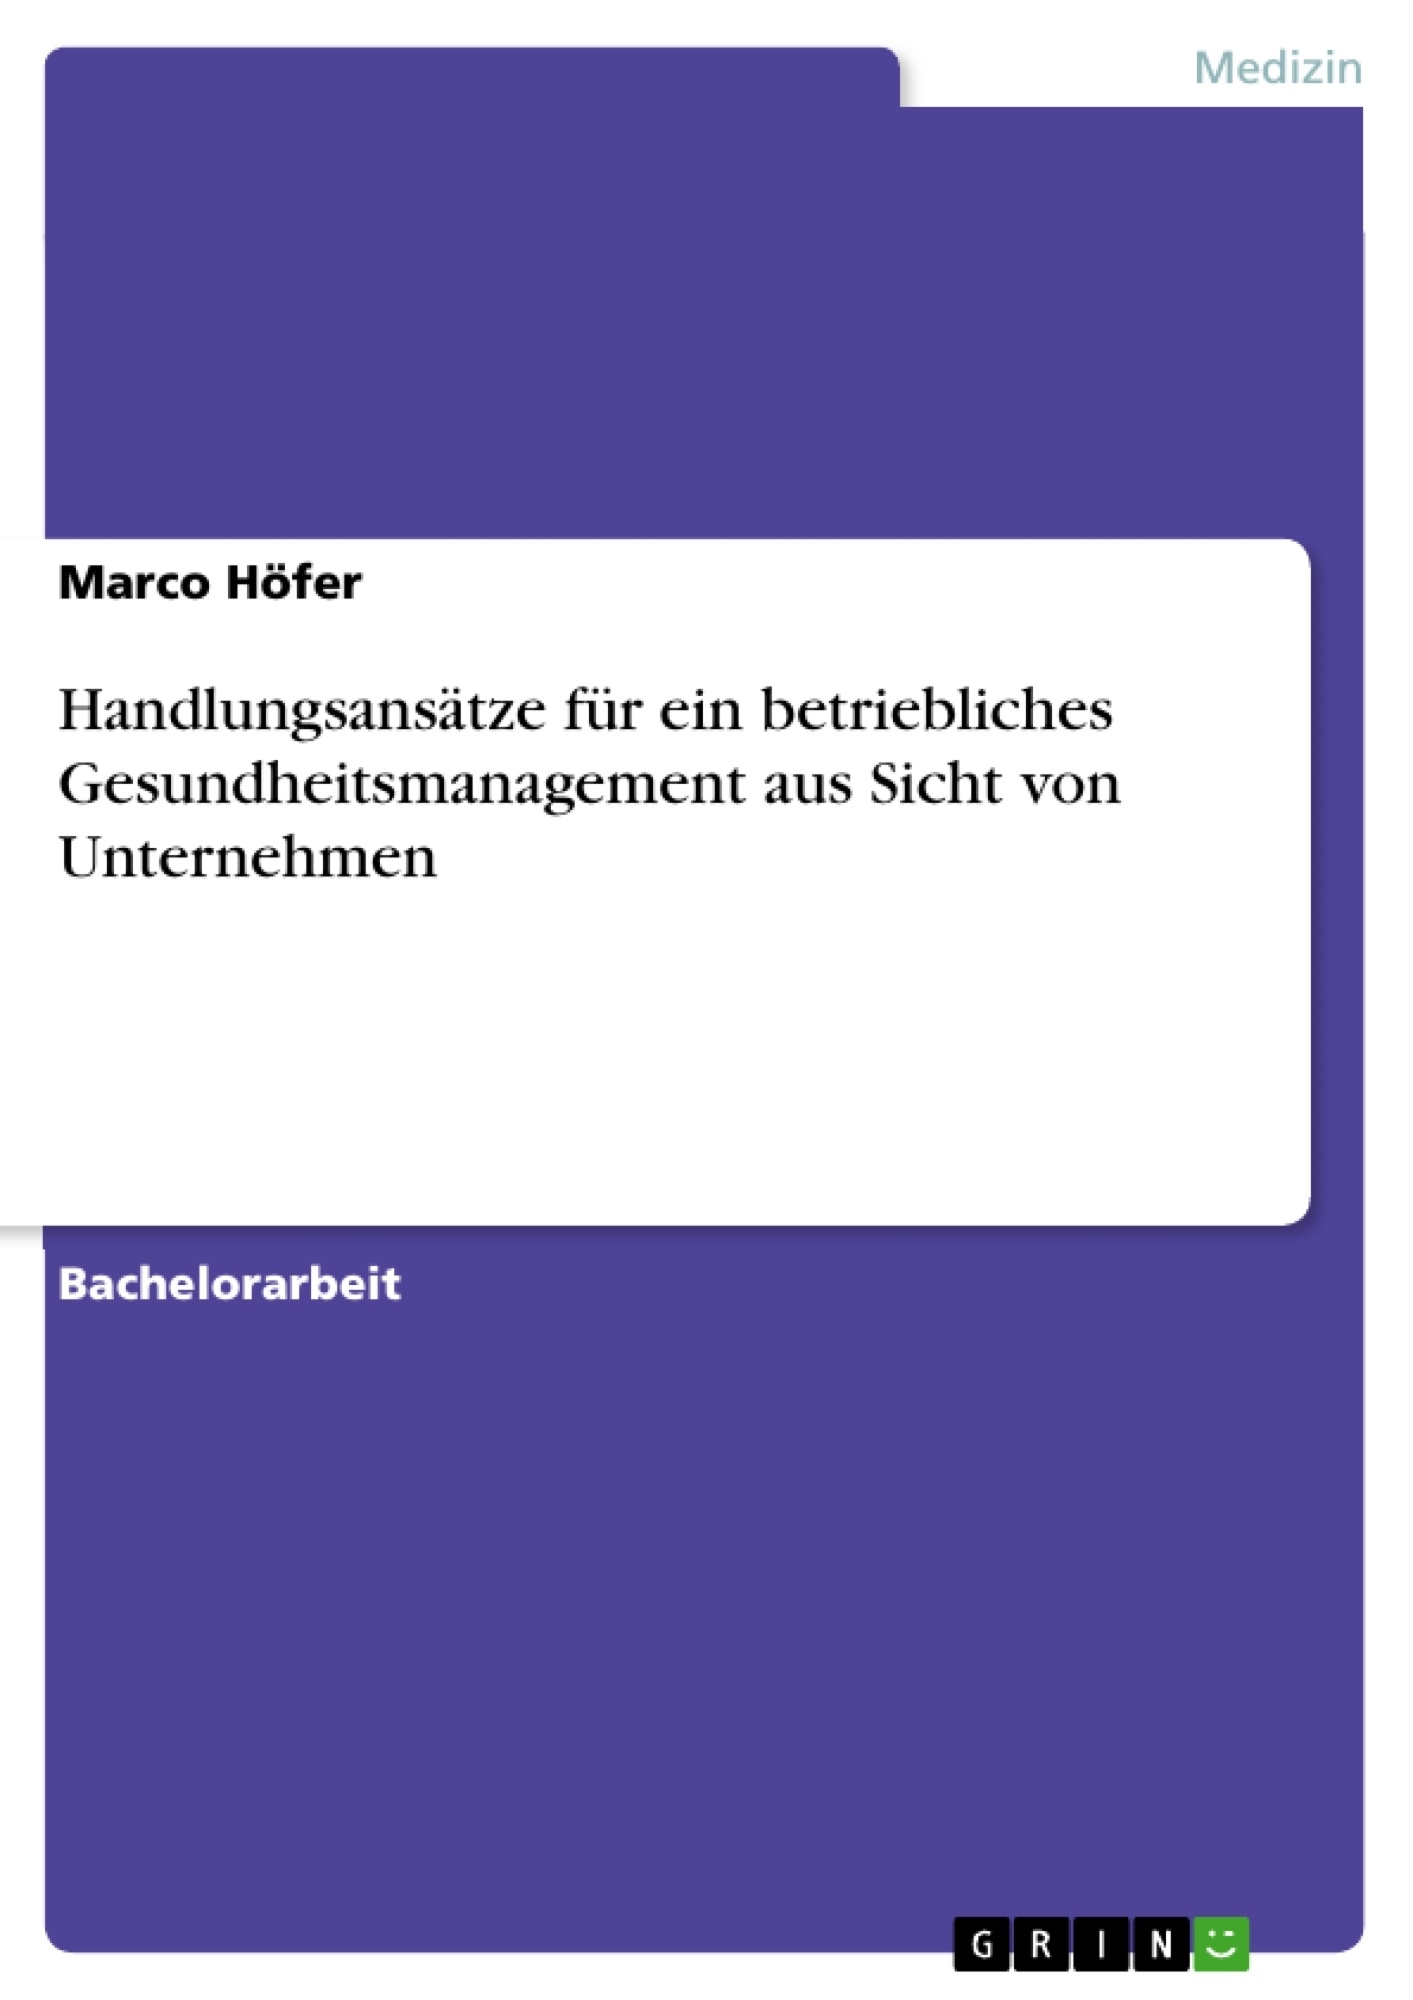 Titel: Handlungsansätze für ein betriebliches Gesundheitsmanagement aus Sicht von Unternehmen